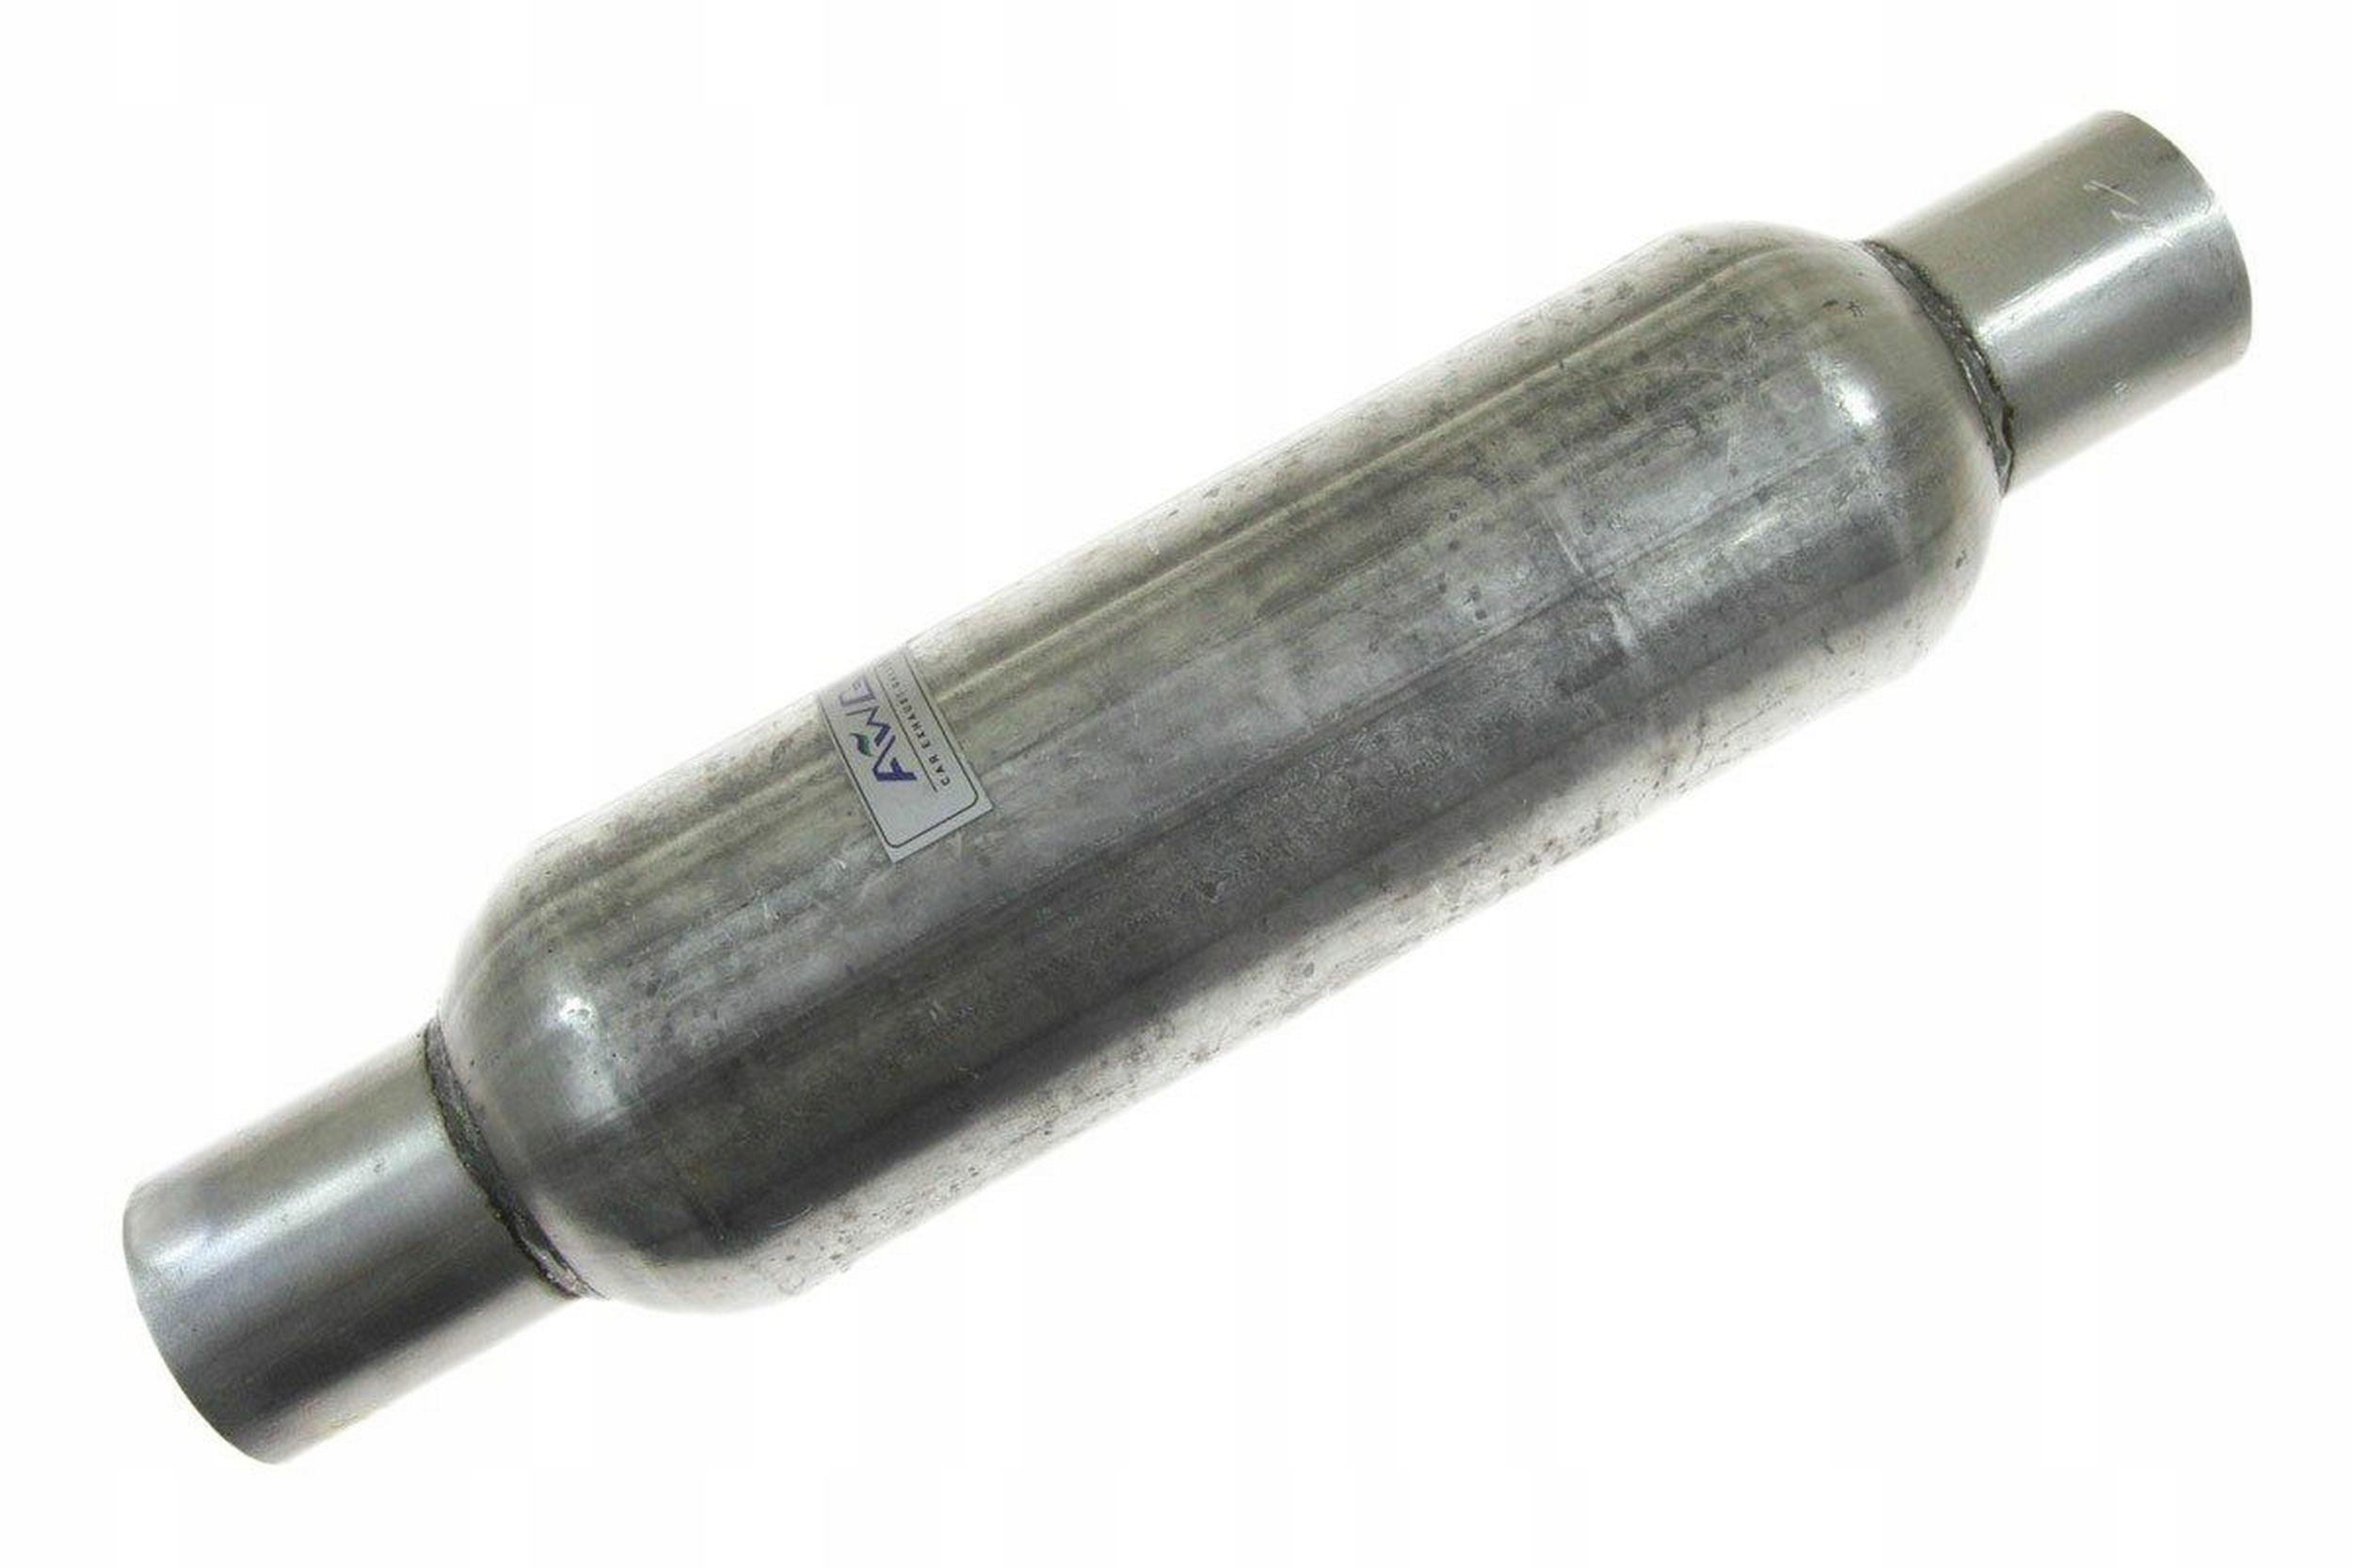 глушитель Средний fi 55mm спортивный сквозное awg